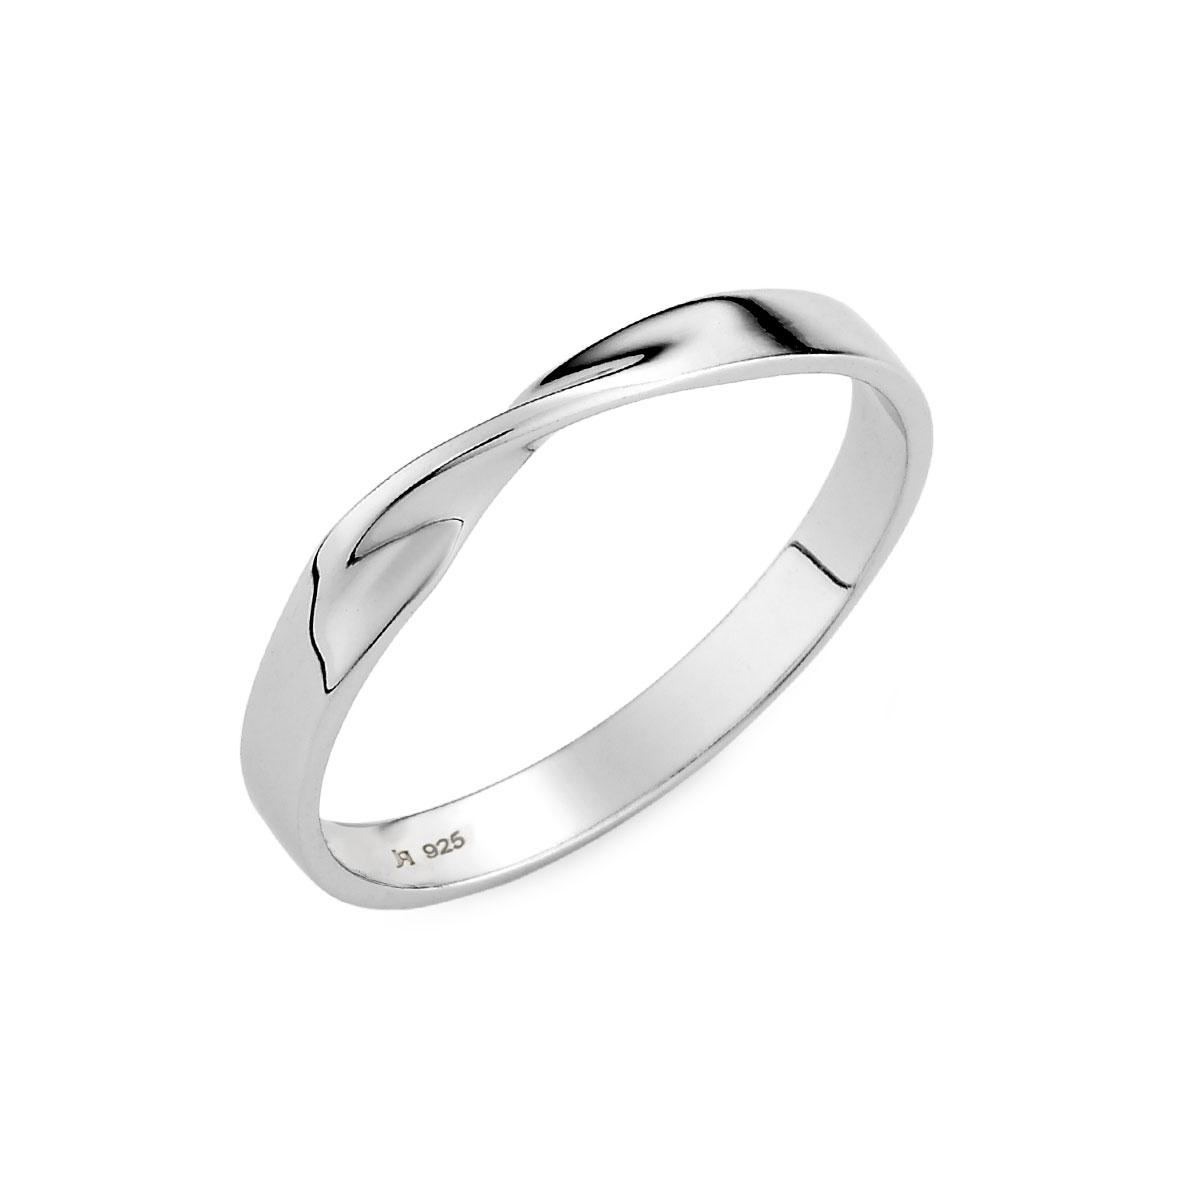 KSW276 低調扭轉造型戒指